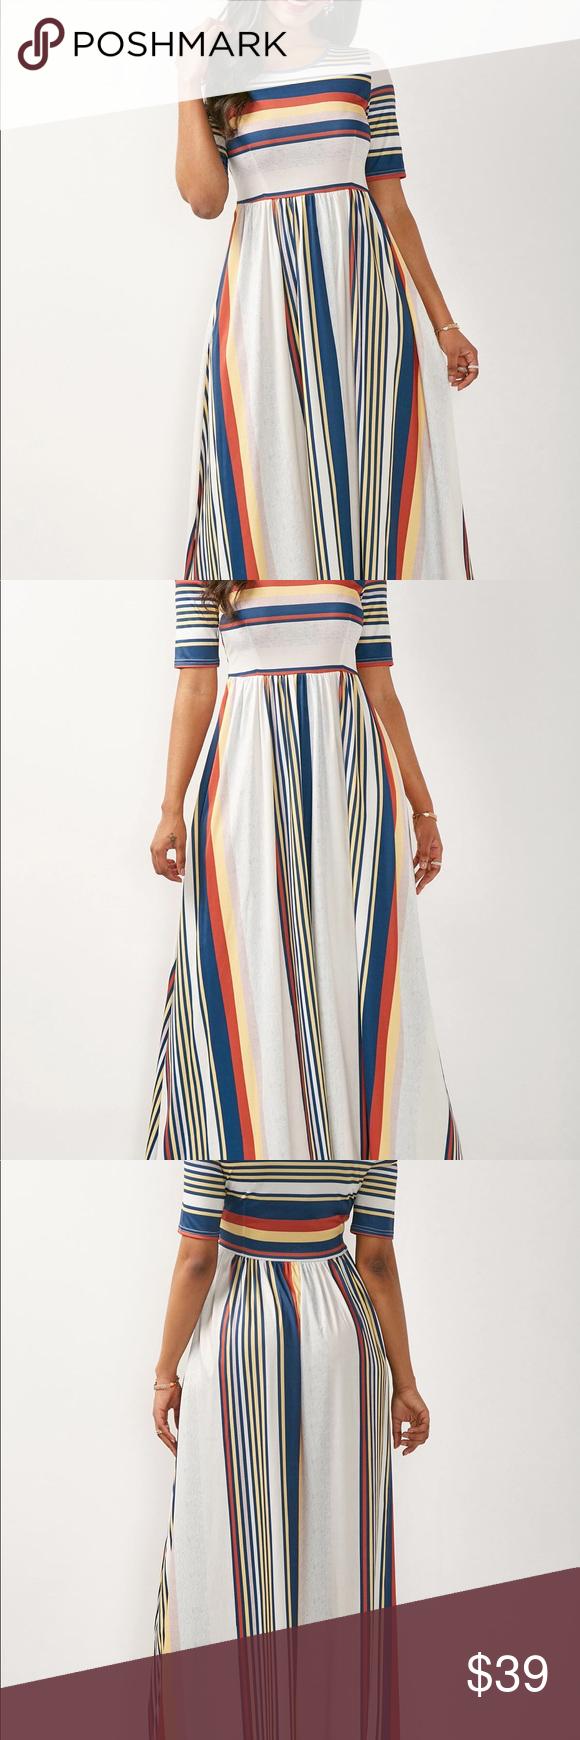 high waist maxi dress dress brands maxi dresses and stretches